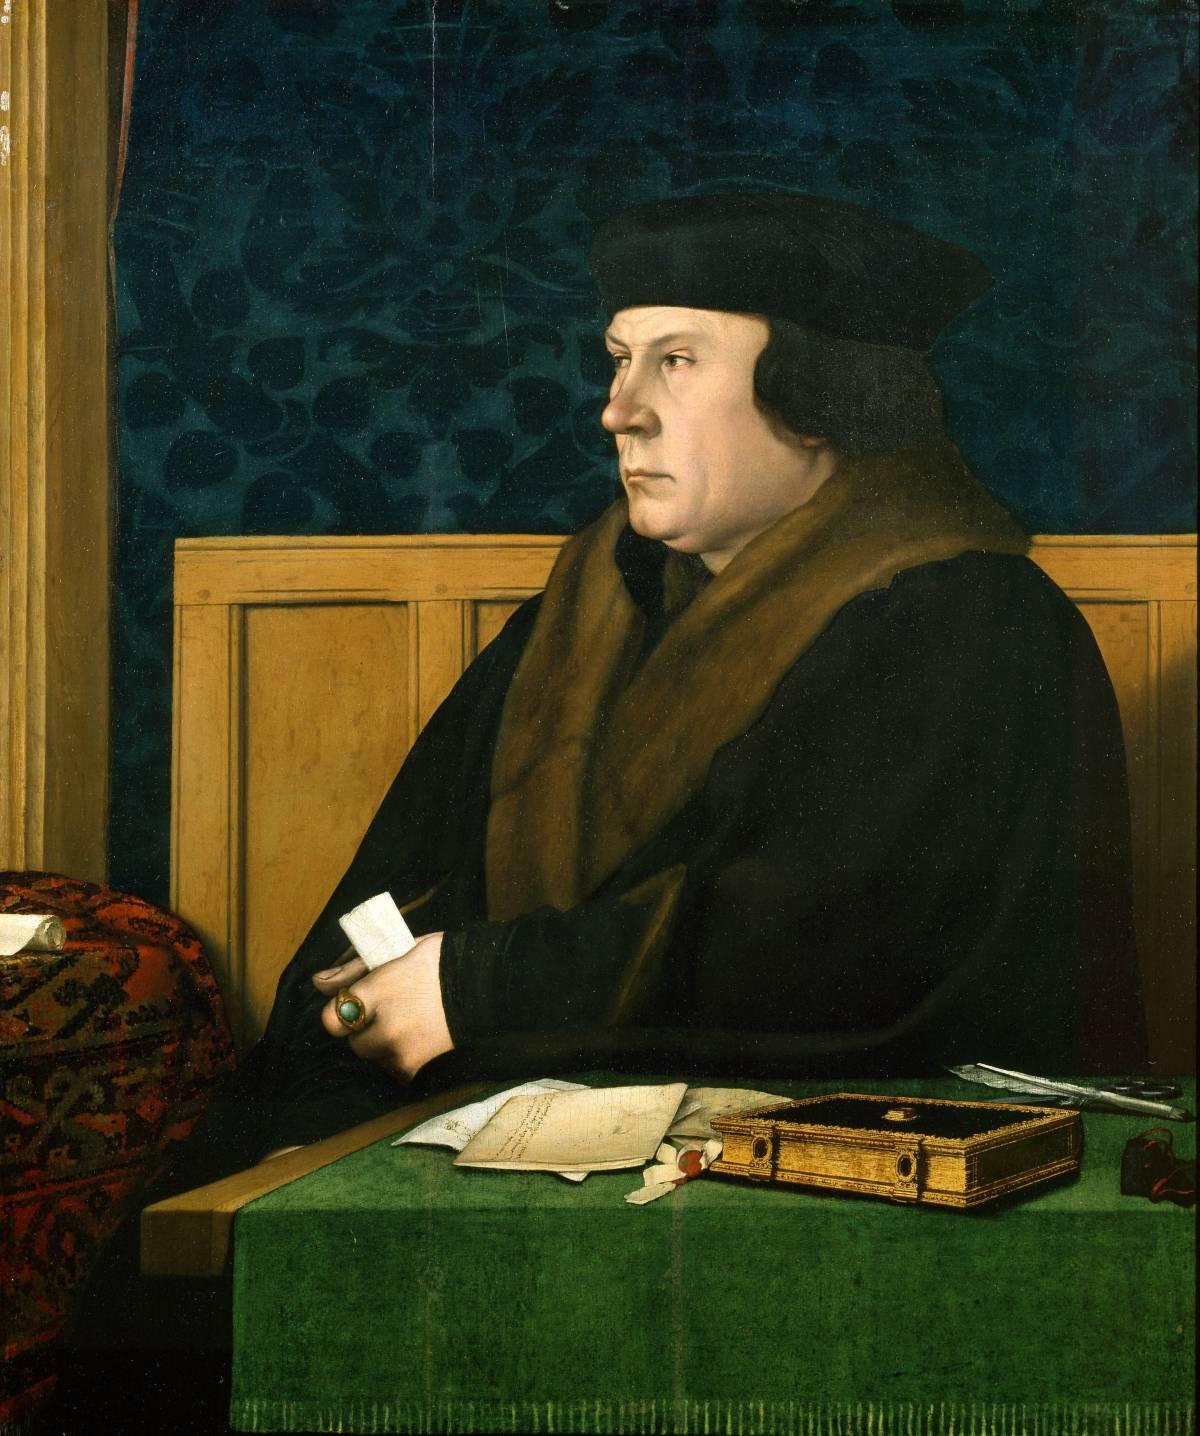 La Storia, il Potere, i re e... Cromwell